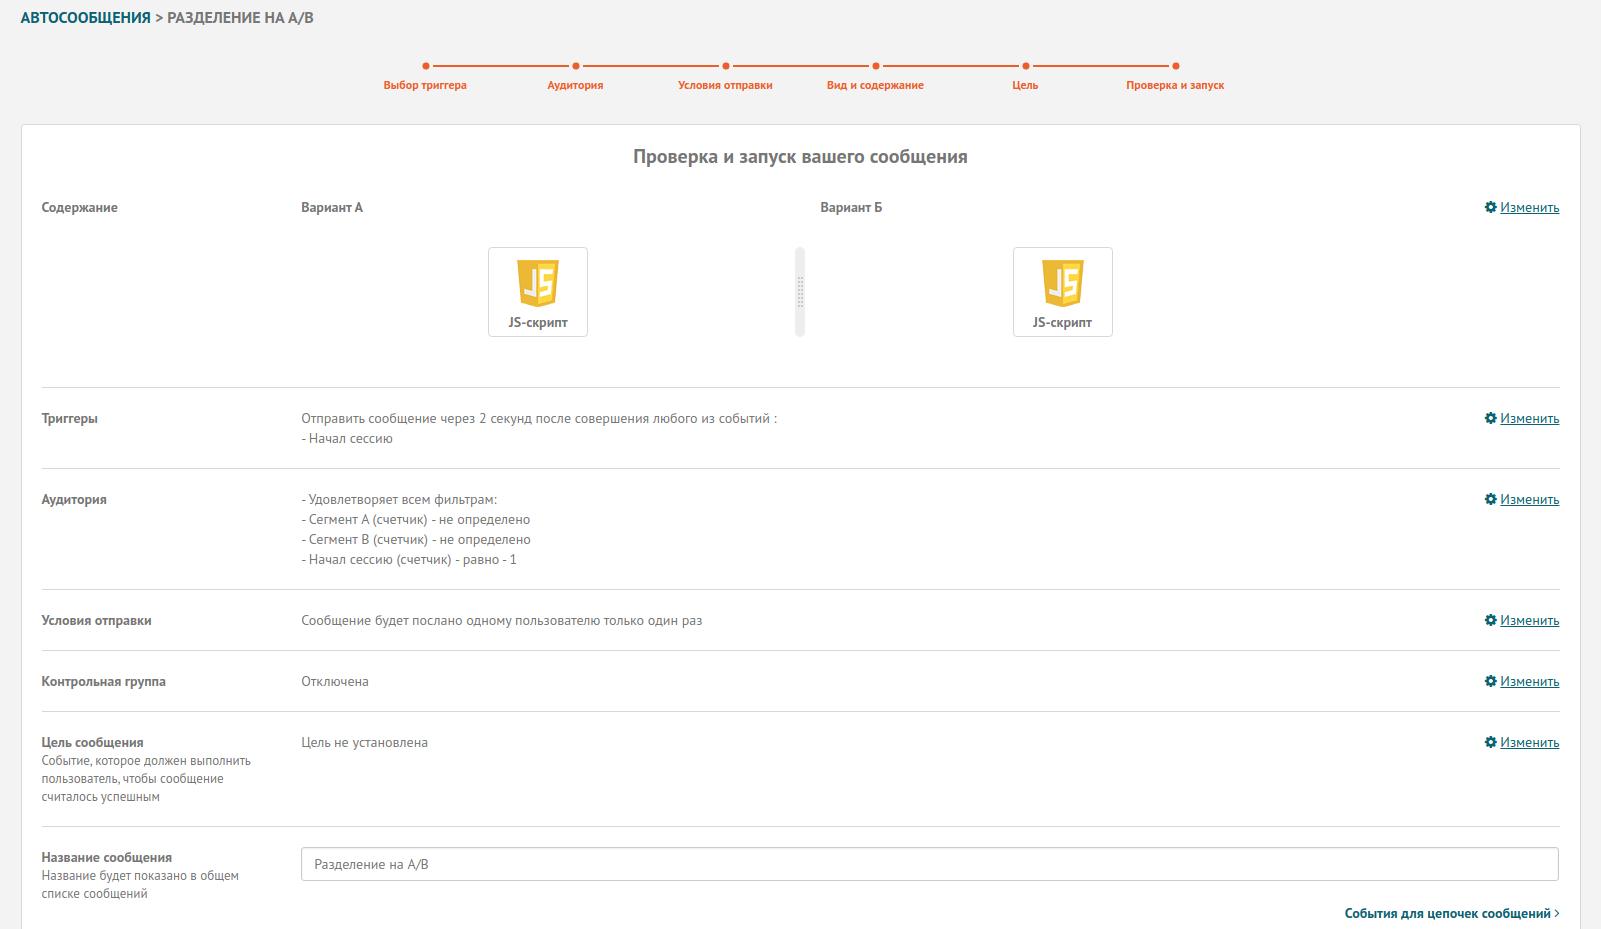 А/Б-тест триггерного JavaScript'а